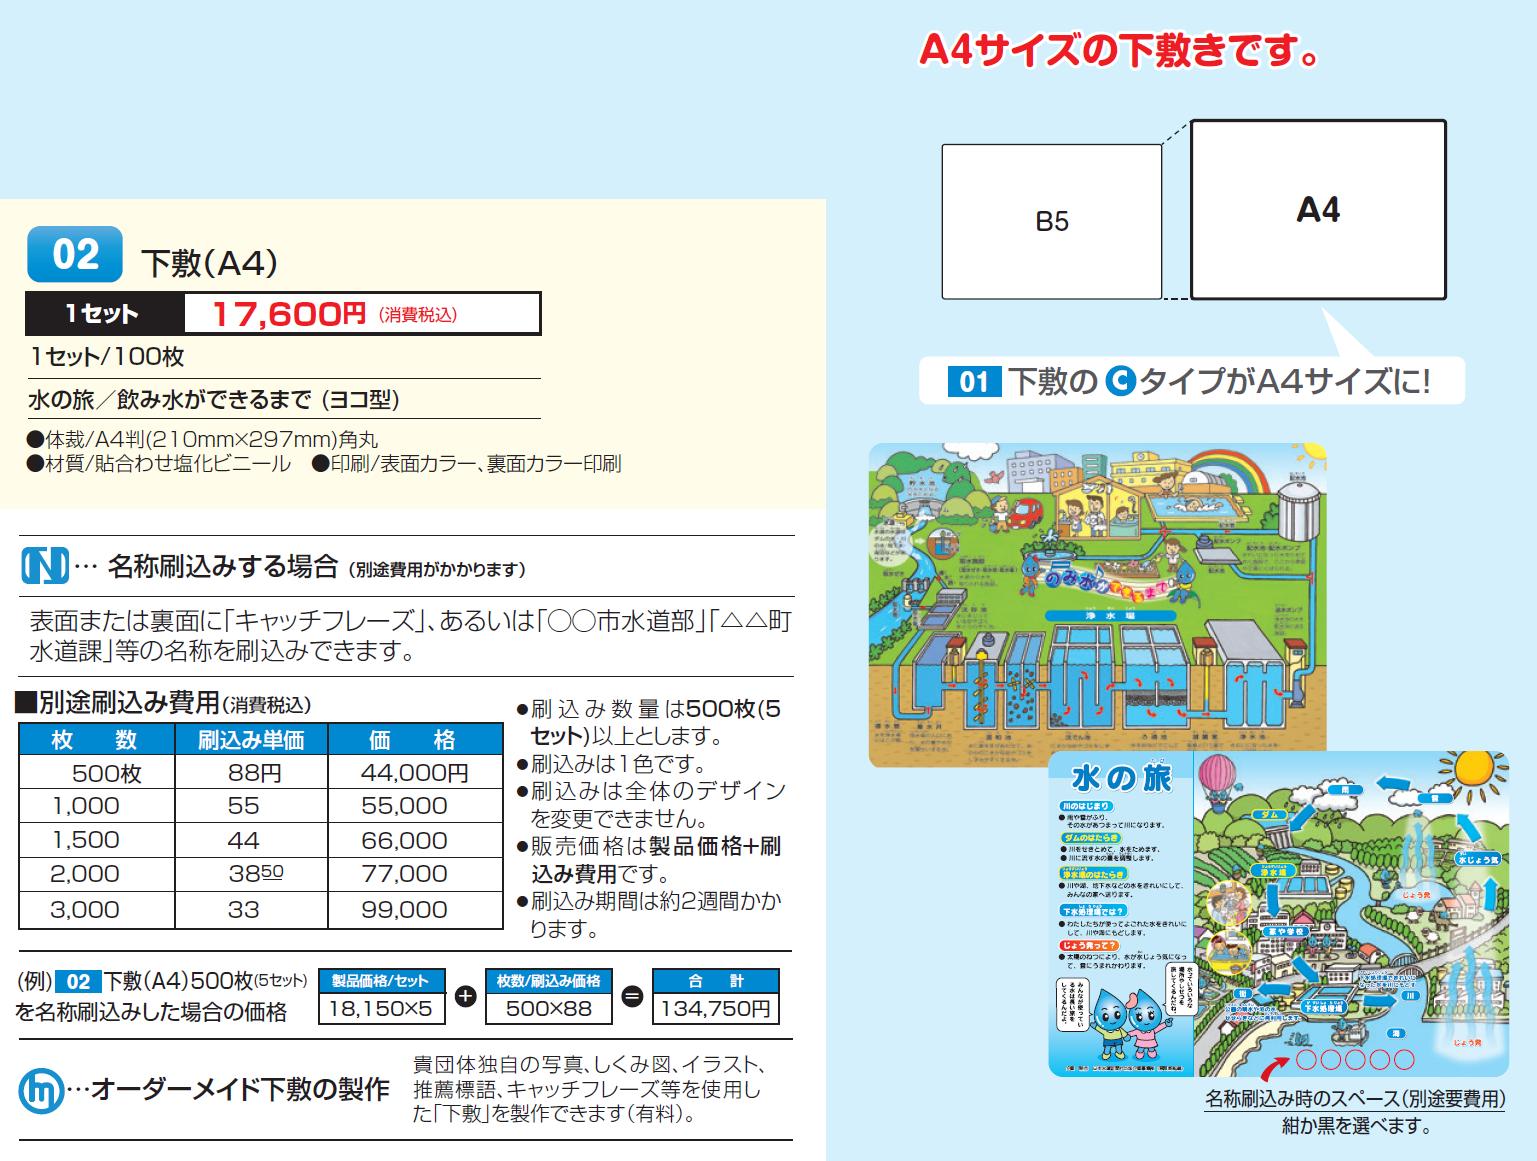 【製品No.02】下敷(A4)